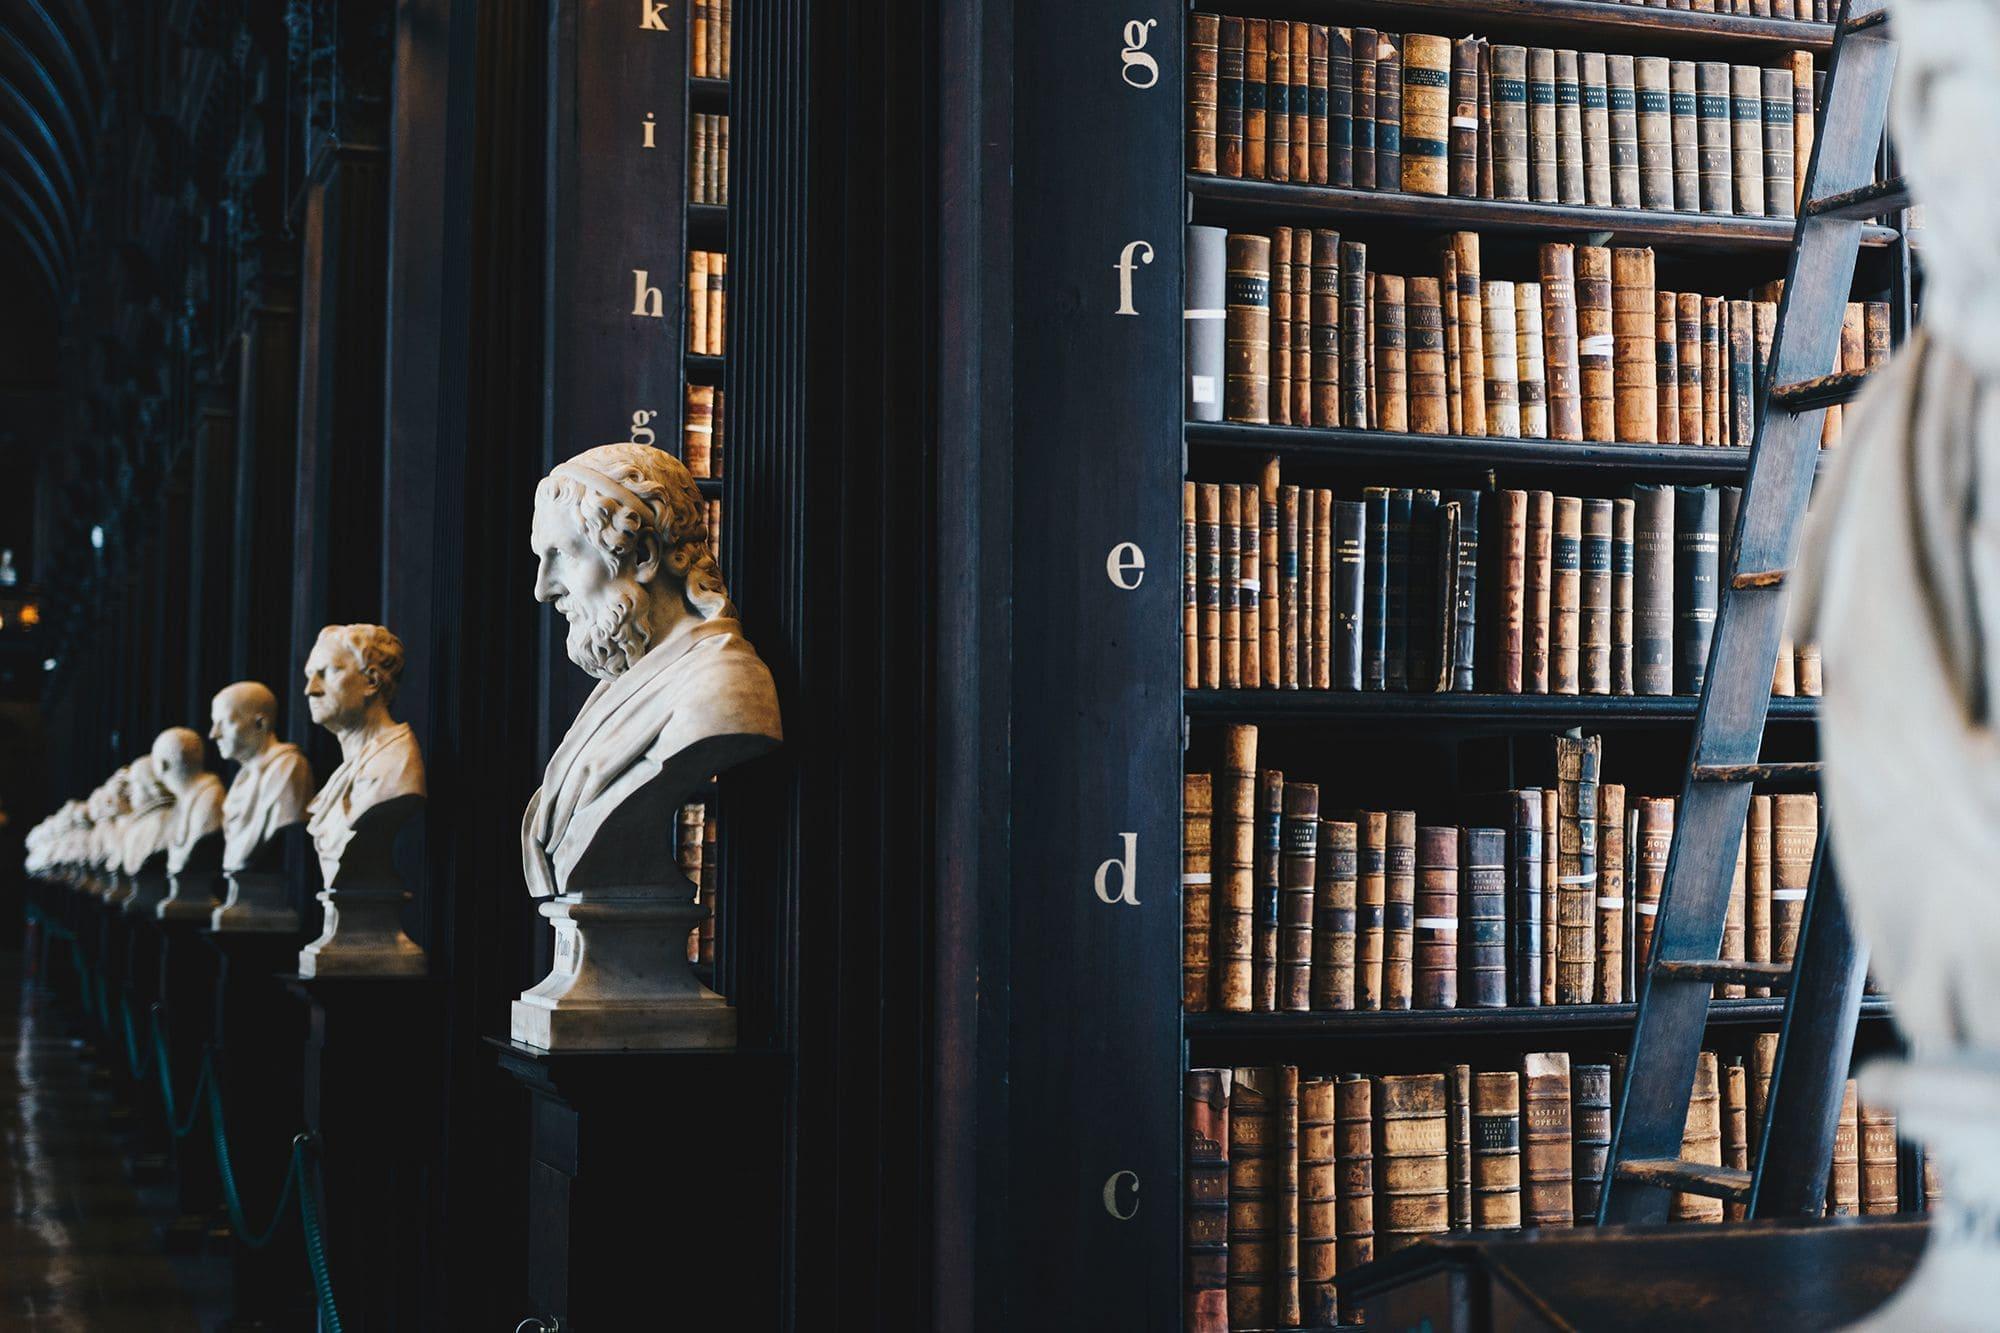 Direito administrativo: tudo que você precisa saber sobre o assunto